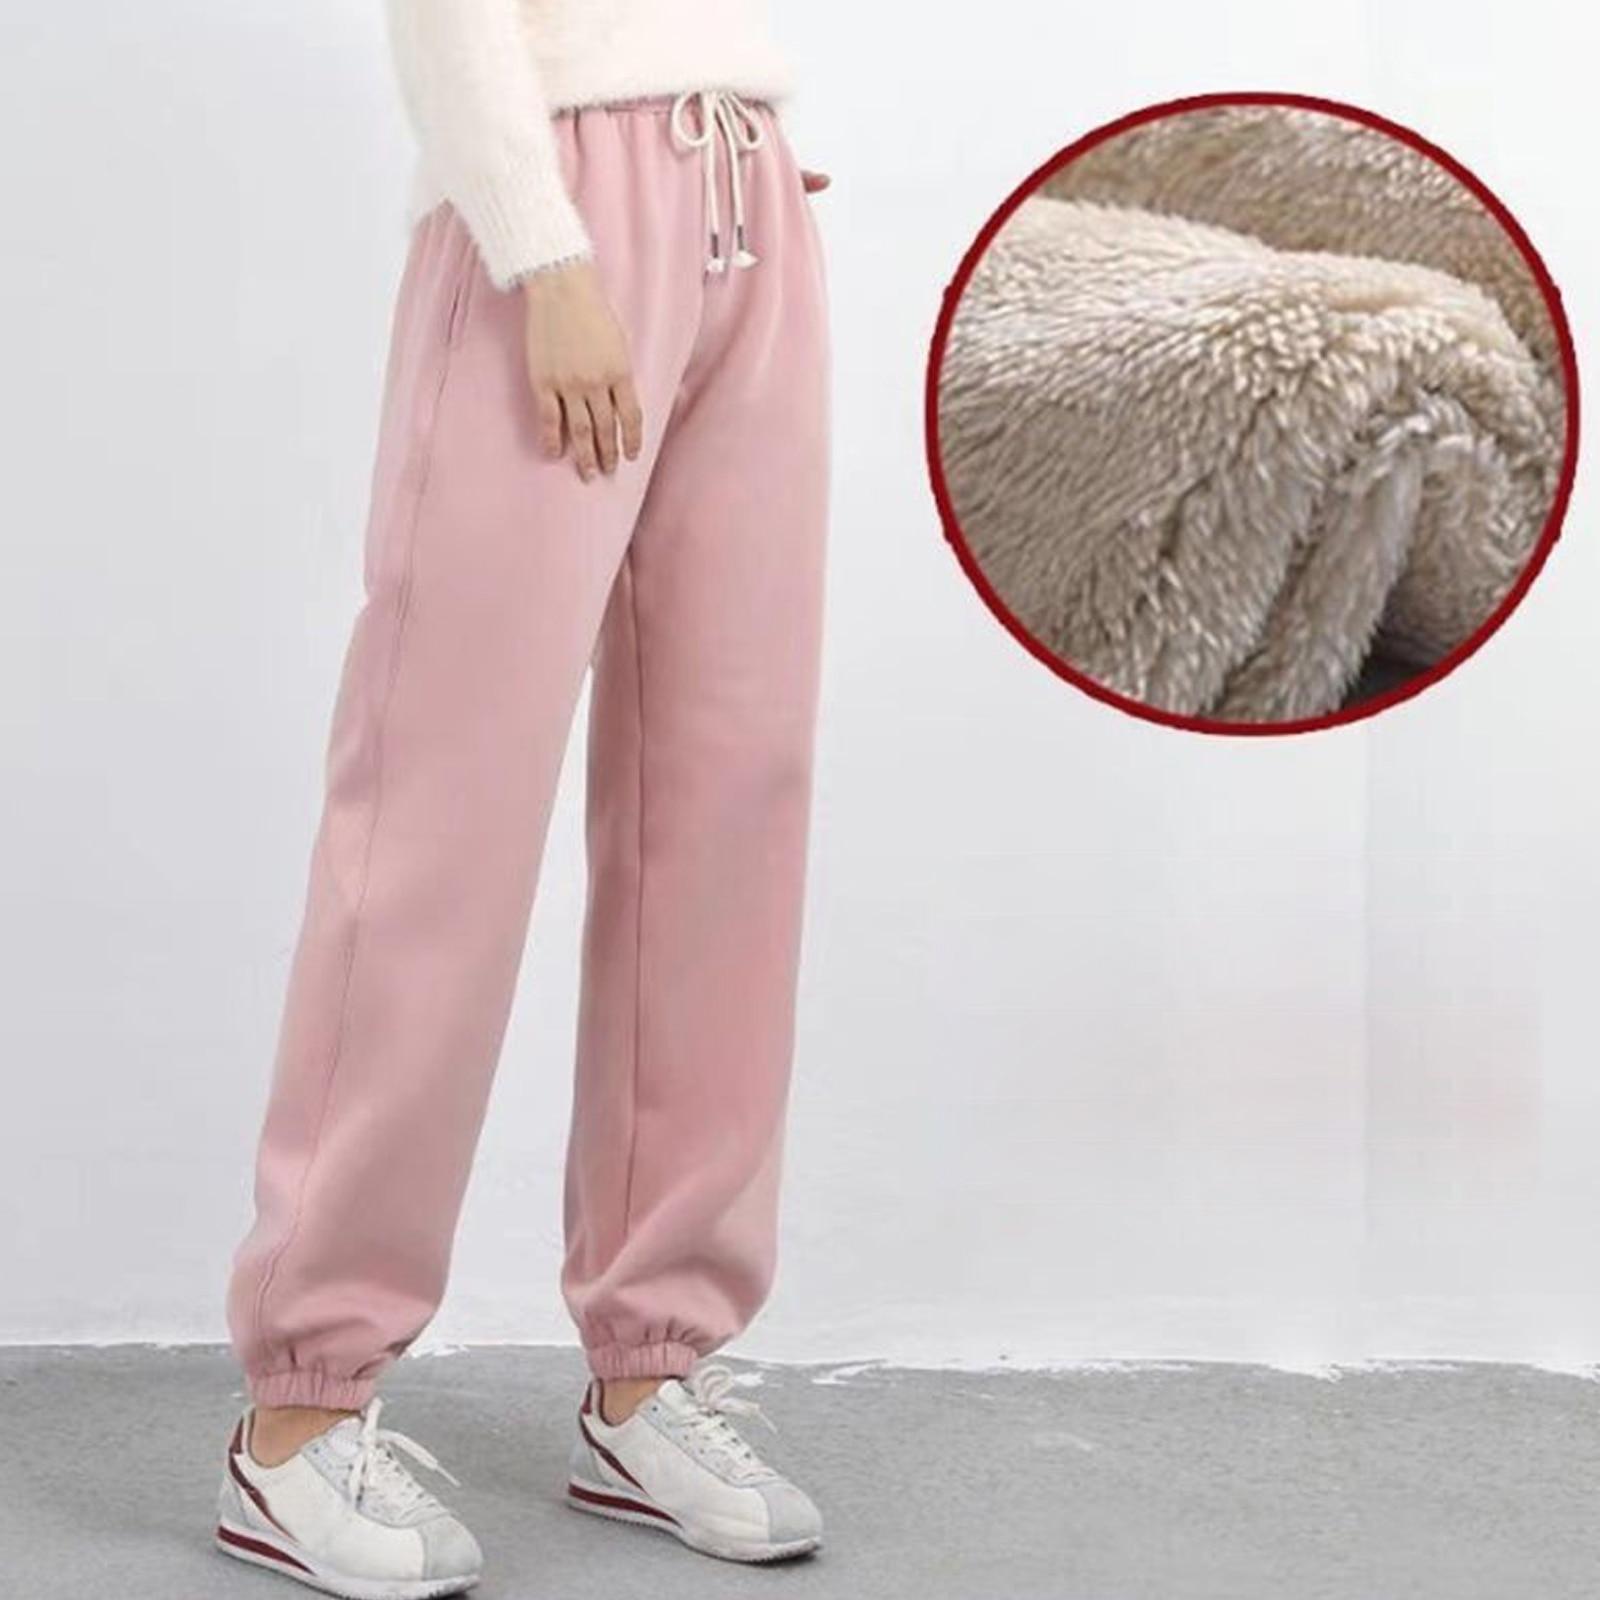 Женские спортивные штаны для тренажерного зала, тренировочные флисовые брюки, однотонные плотные теплые зимние женские спортивные штаны, б...